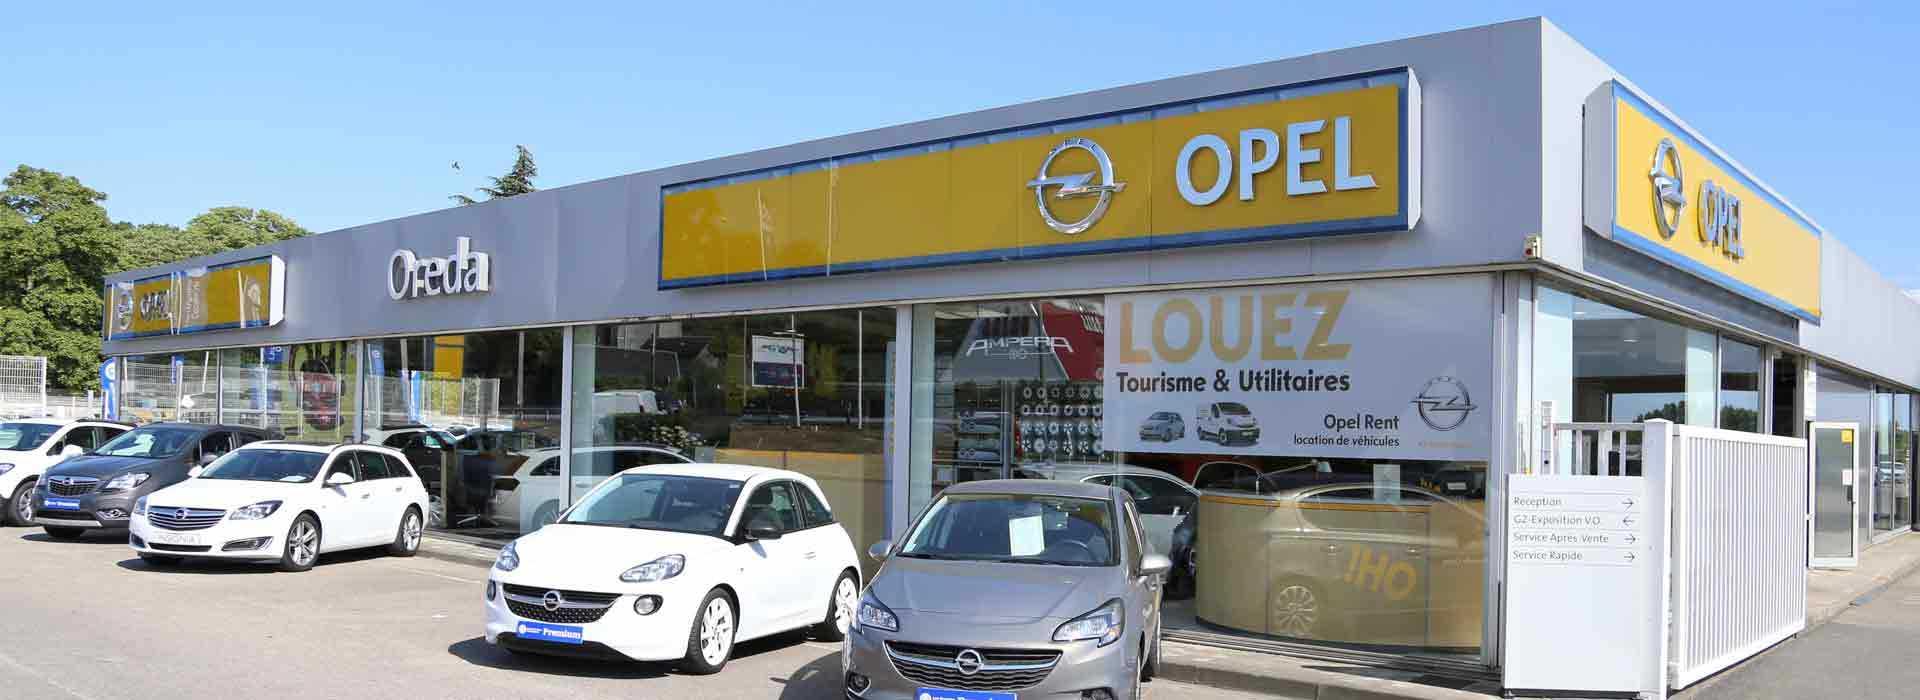 opel orleans concessionnaire garage loiret 45